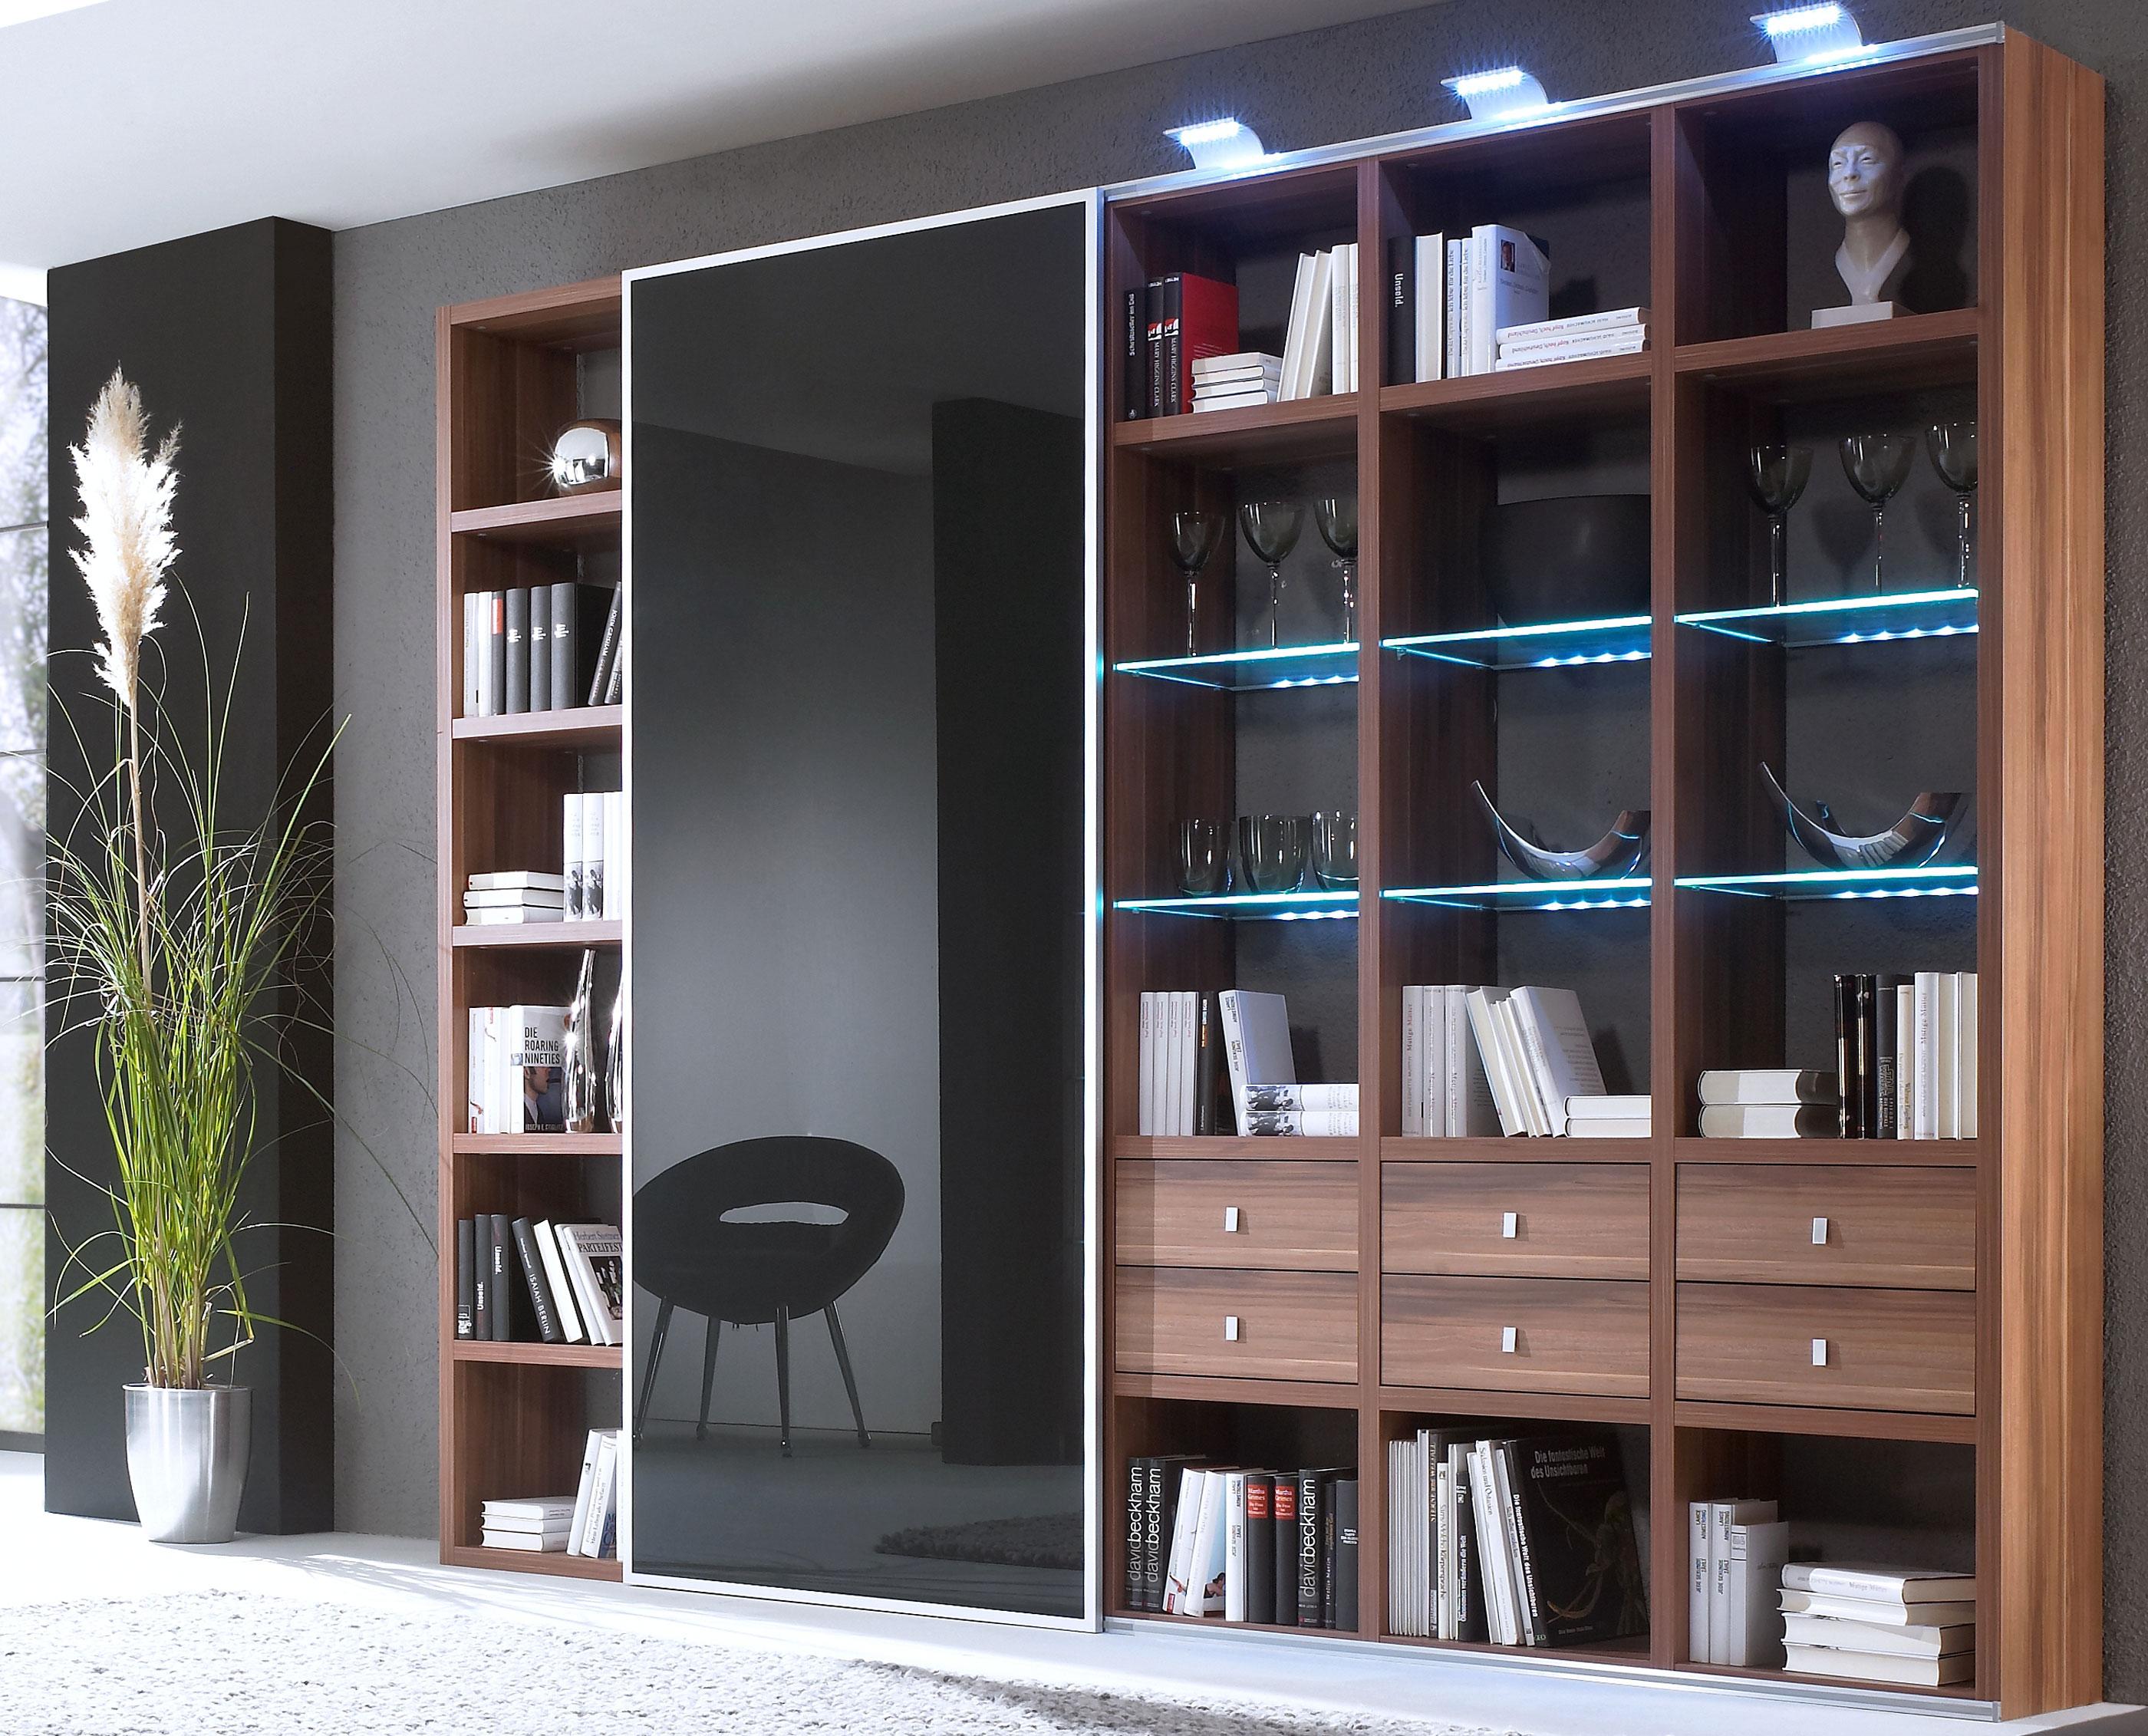 Toro Bücherregal mit Glastüren in walnuss